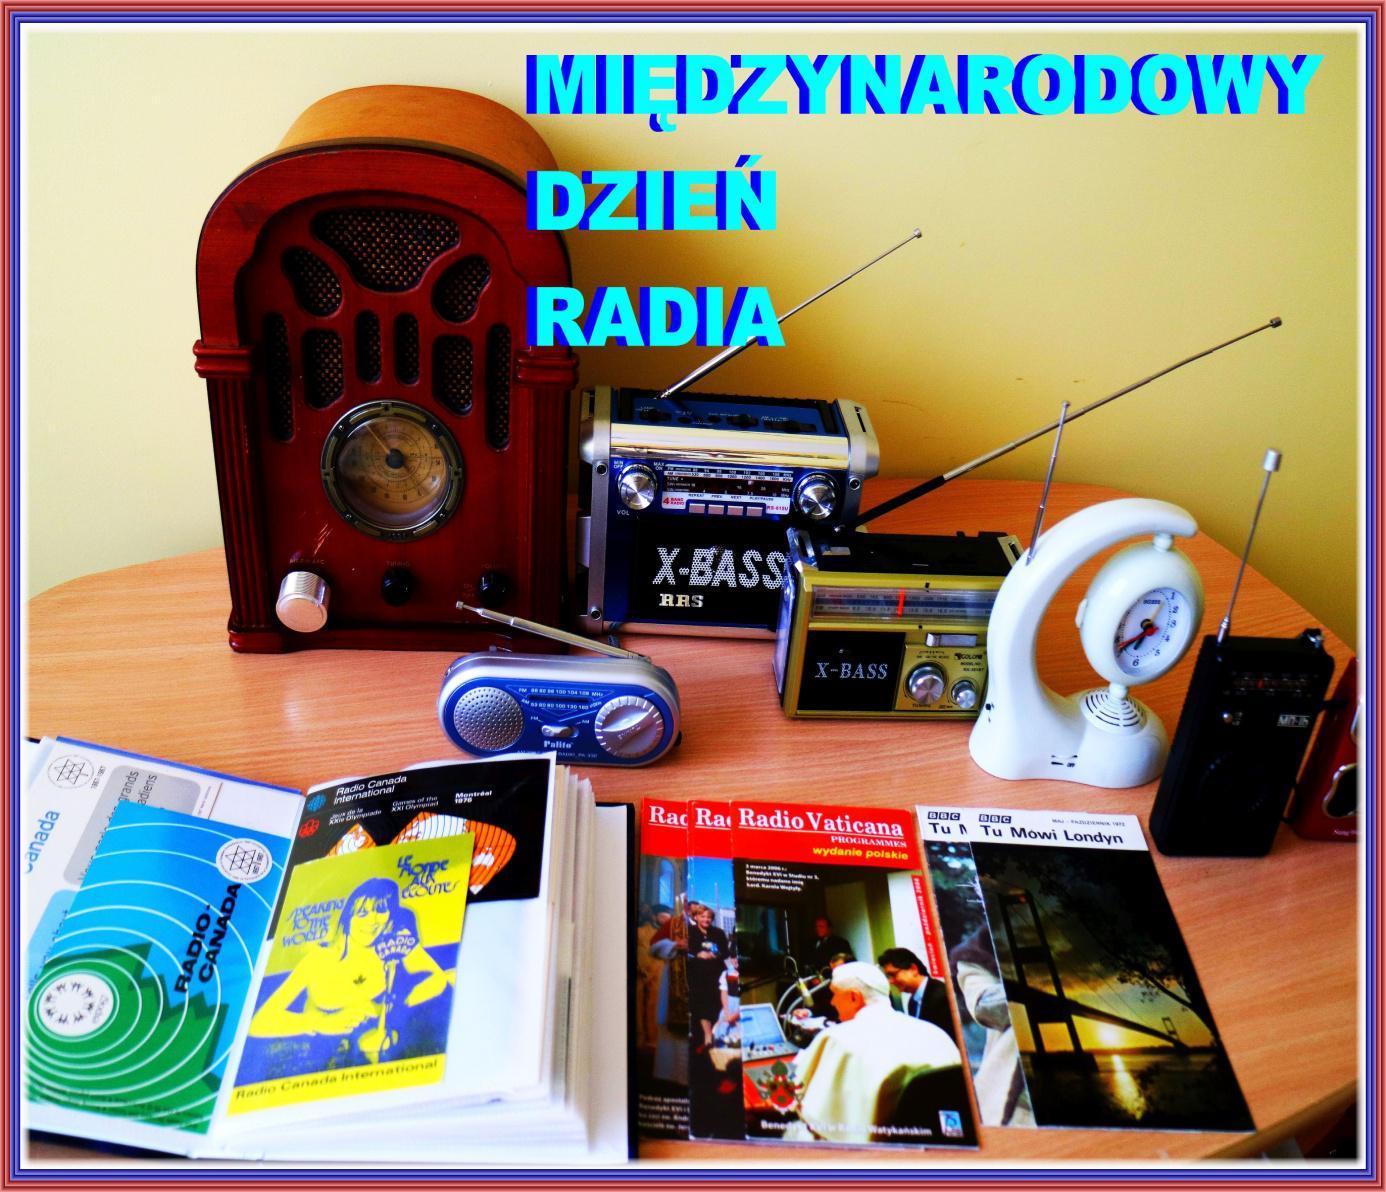 RADIO MA SWOJE ŚWIĘTO